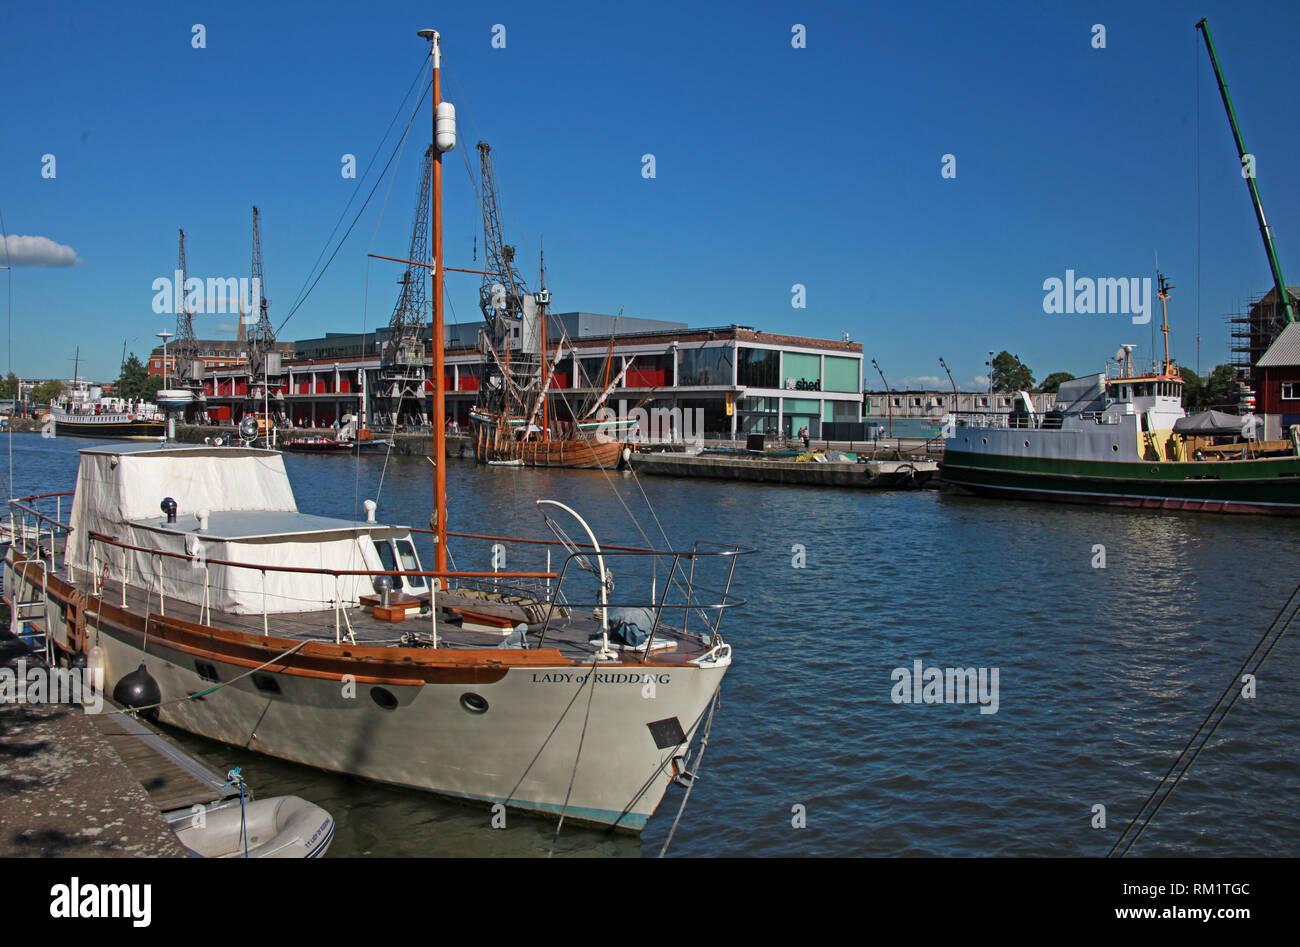 Laden Sie dieses Alamy Stockfoto Motor yacht Lady von Rudding, an der Bristol Docks, Welsh Back, Bristol, Avon, South West England, UK, BS1 4SP - RM1TGC